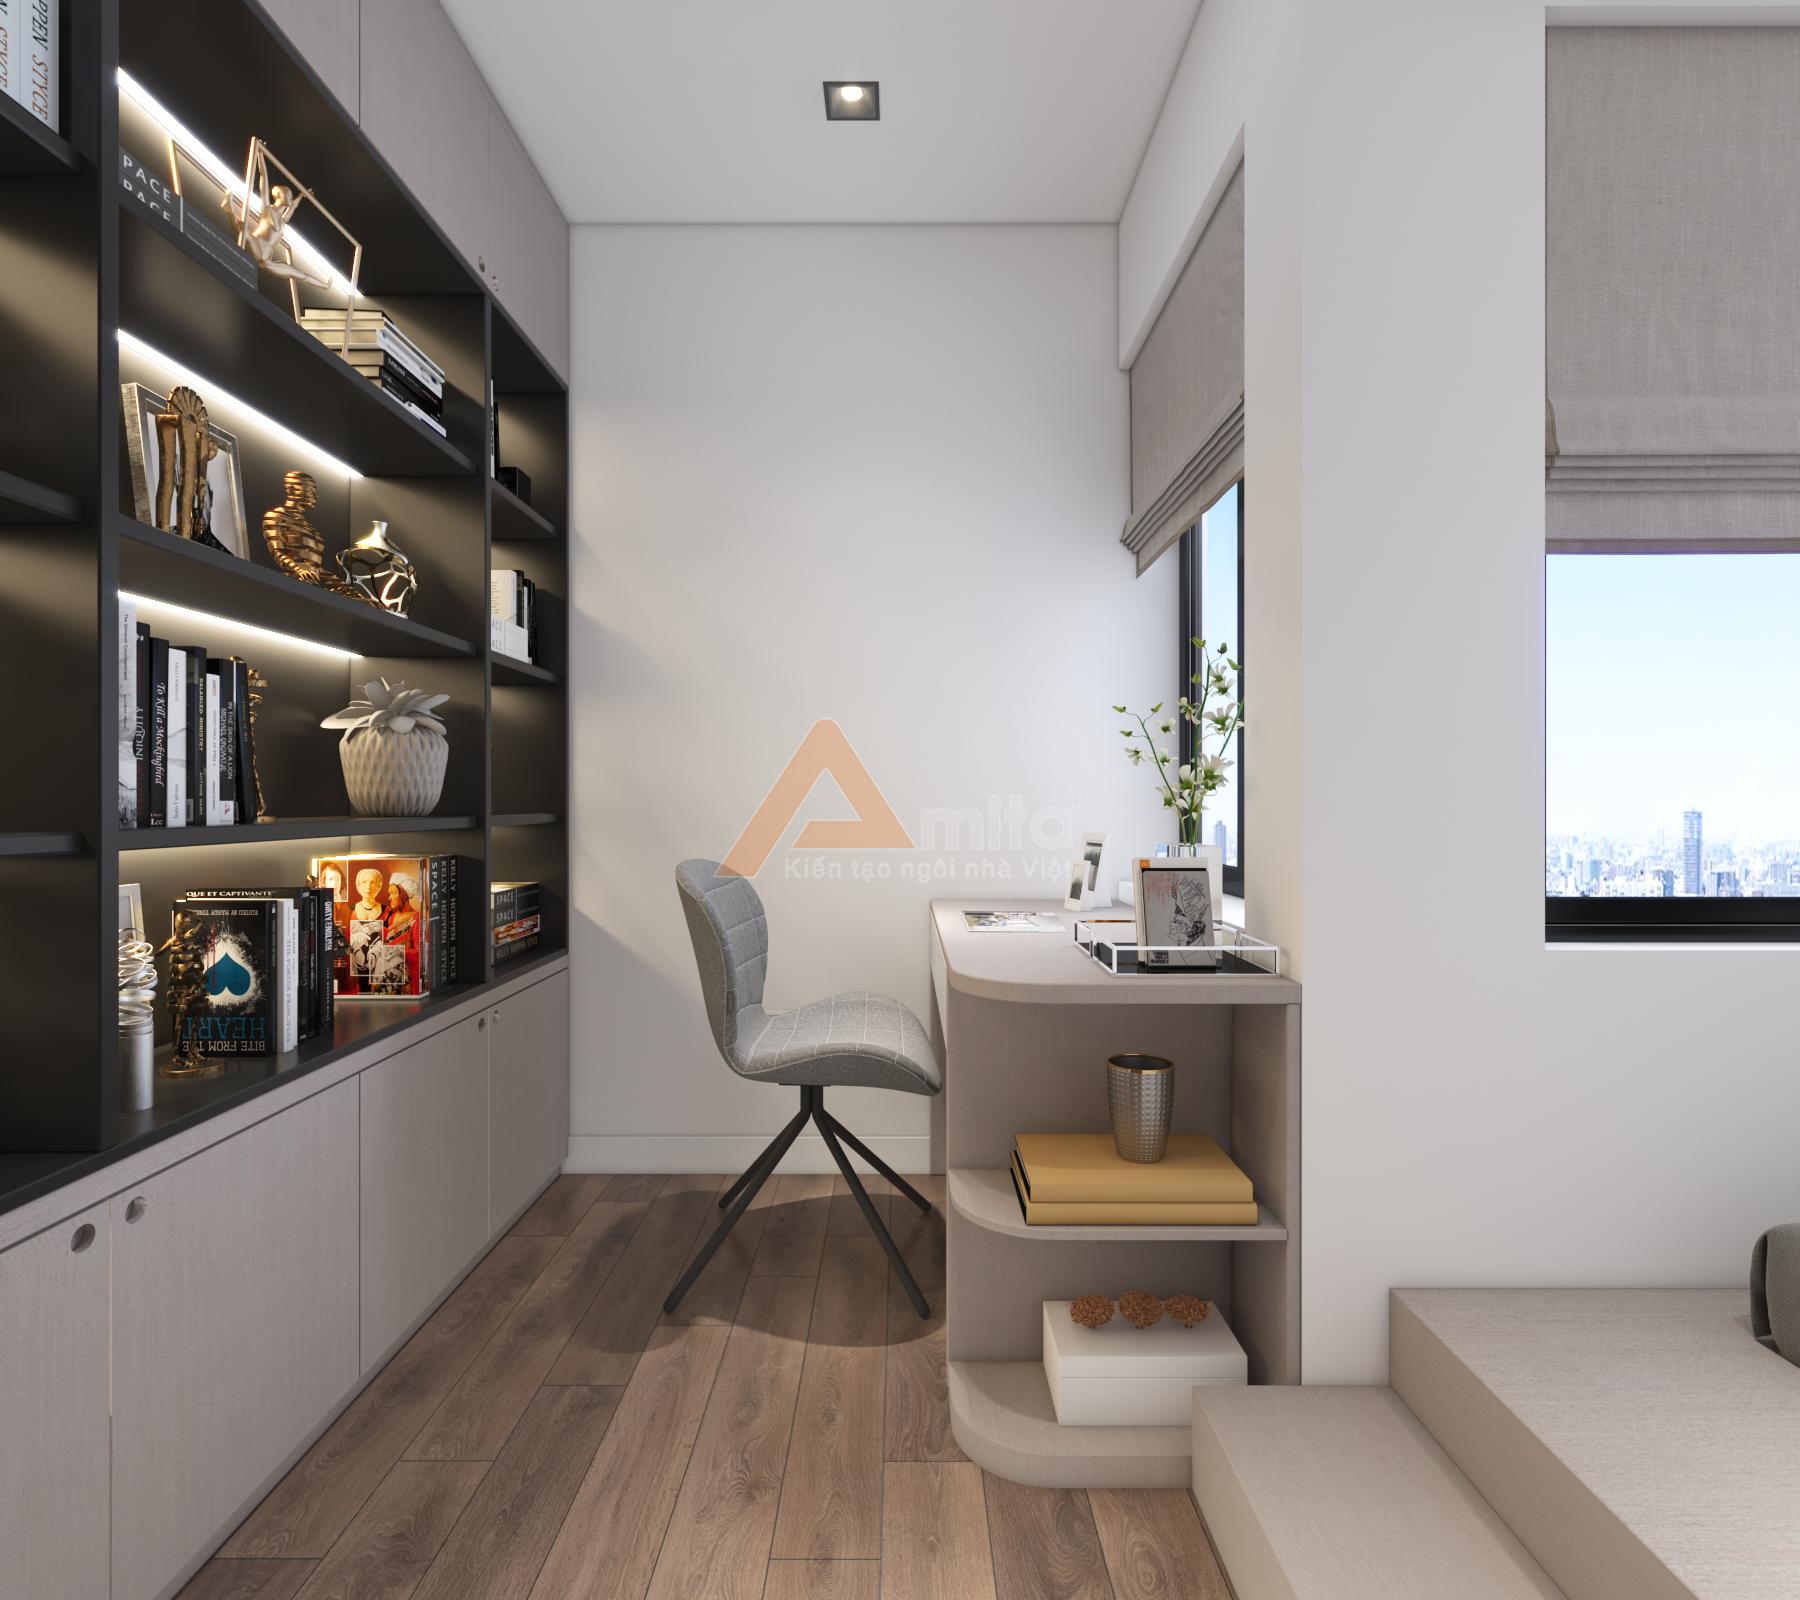 thiết kế nội thất chung cư tại Hà Nội Chung cư New Skyline - Văn Quán 18 1572341534